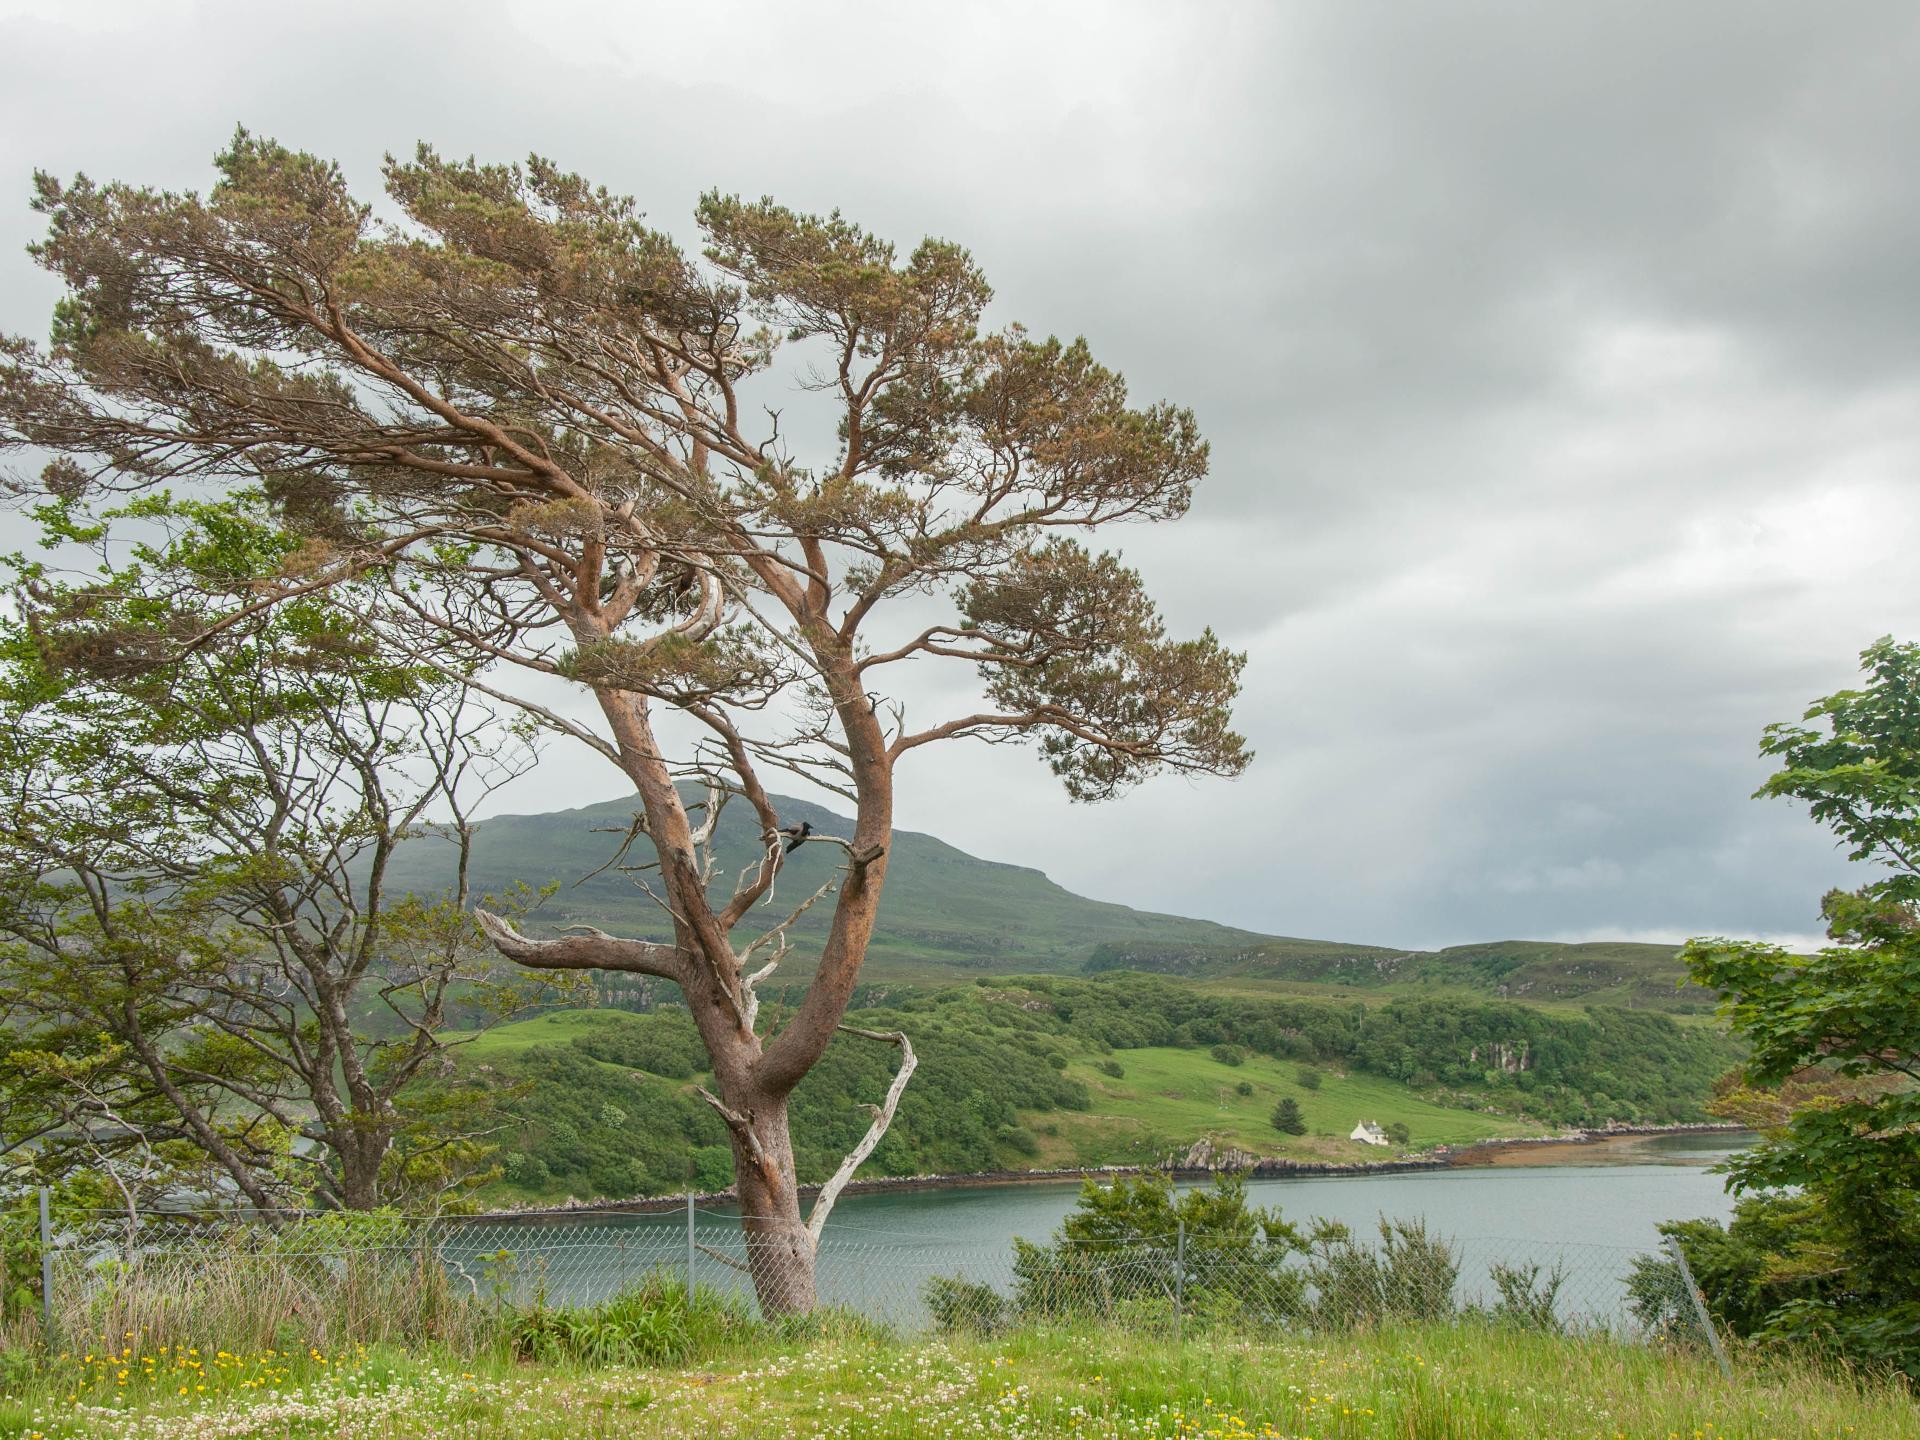 Wenn Bäume einzeln stehen, kann man häufig an der Wuchsform sehen, woher die meiste Zeit der Wind kommt. - Photocredit: pixabay.com/neuss-rpn